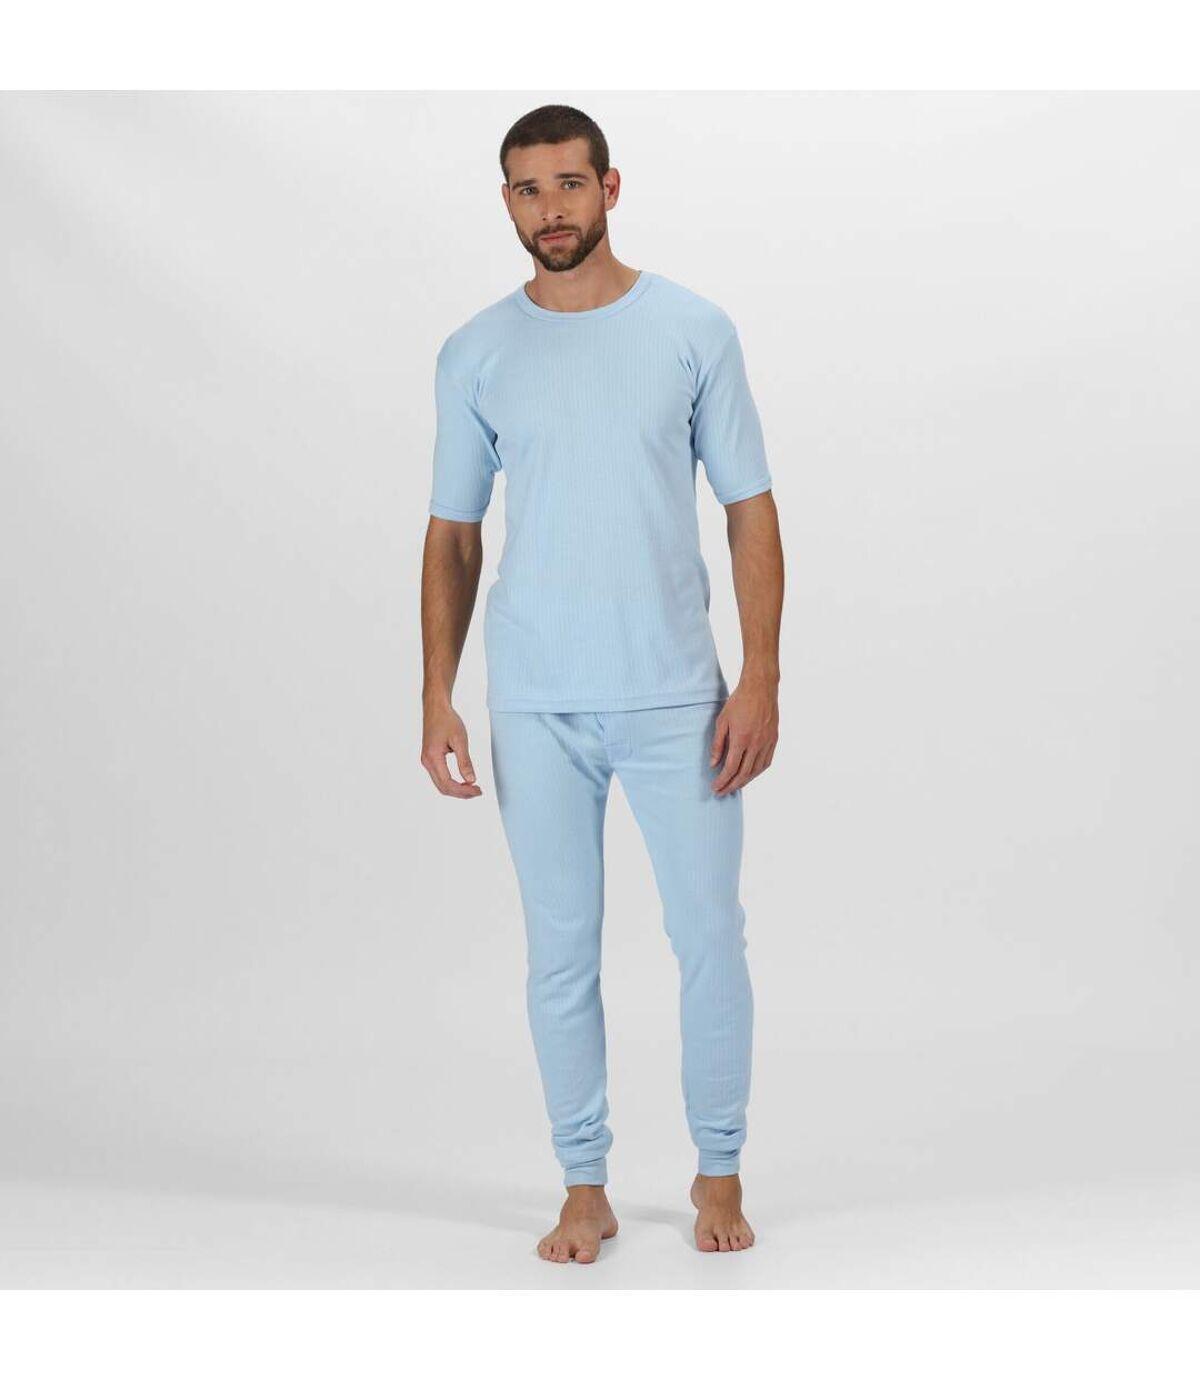 Regatta - T-shirt thermique à manches courtes - Homme (Bleu) - UTRG1427